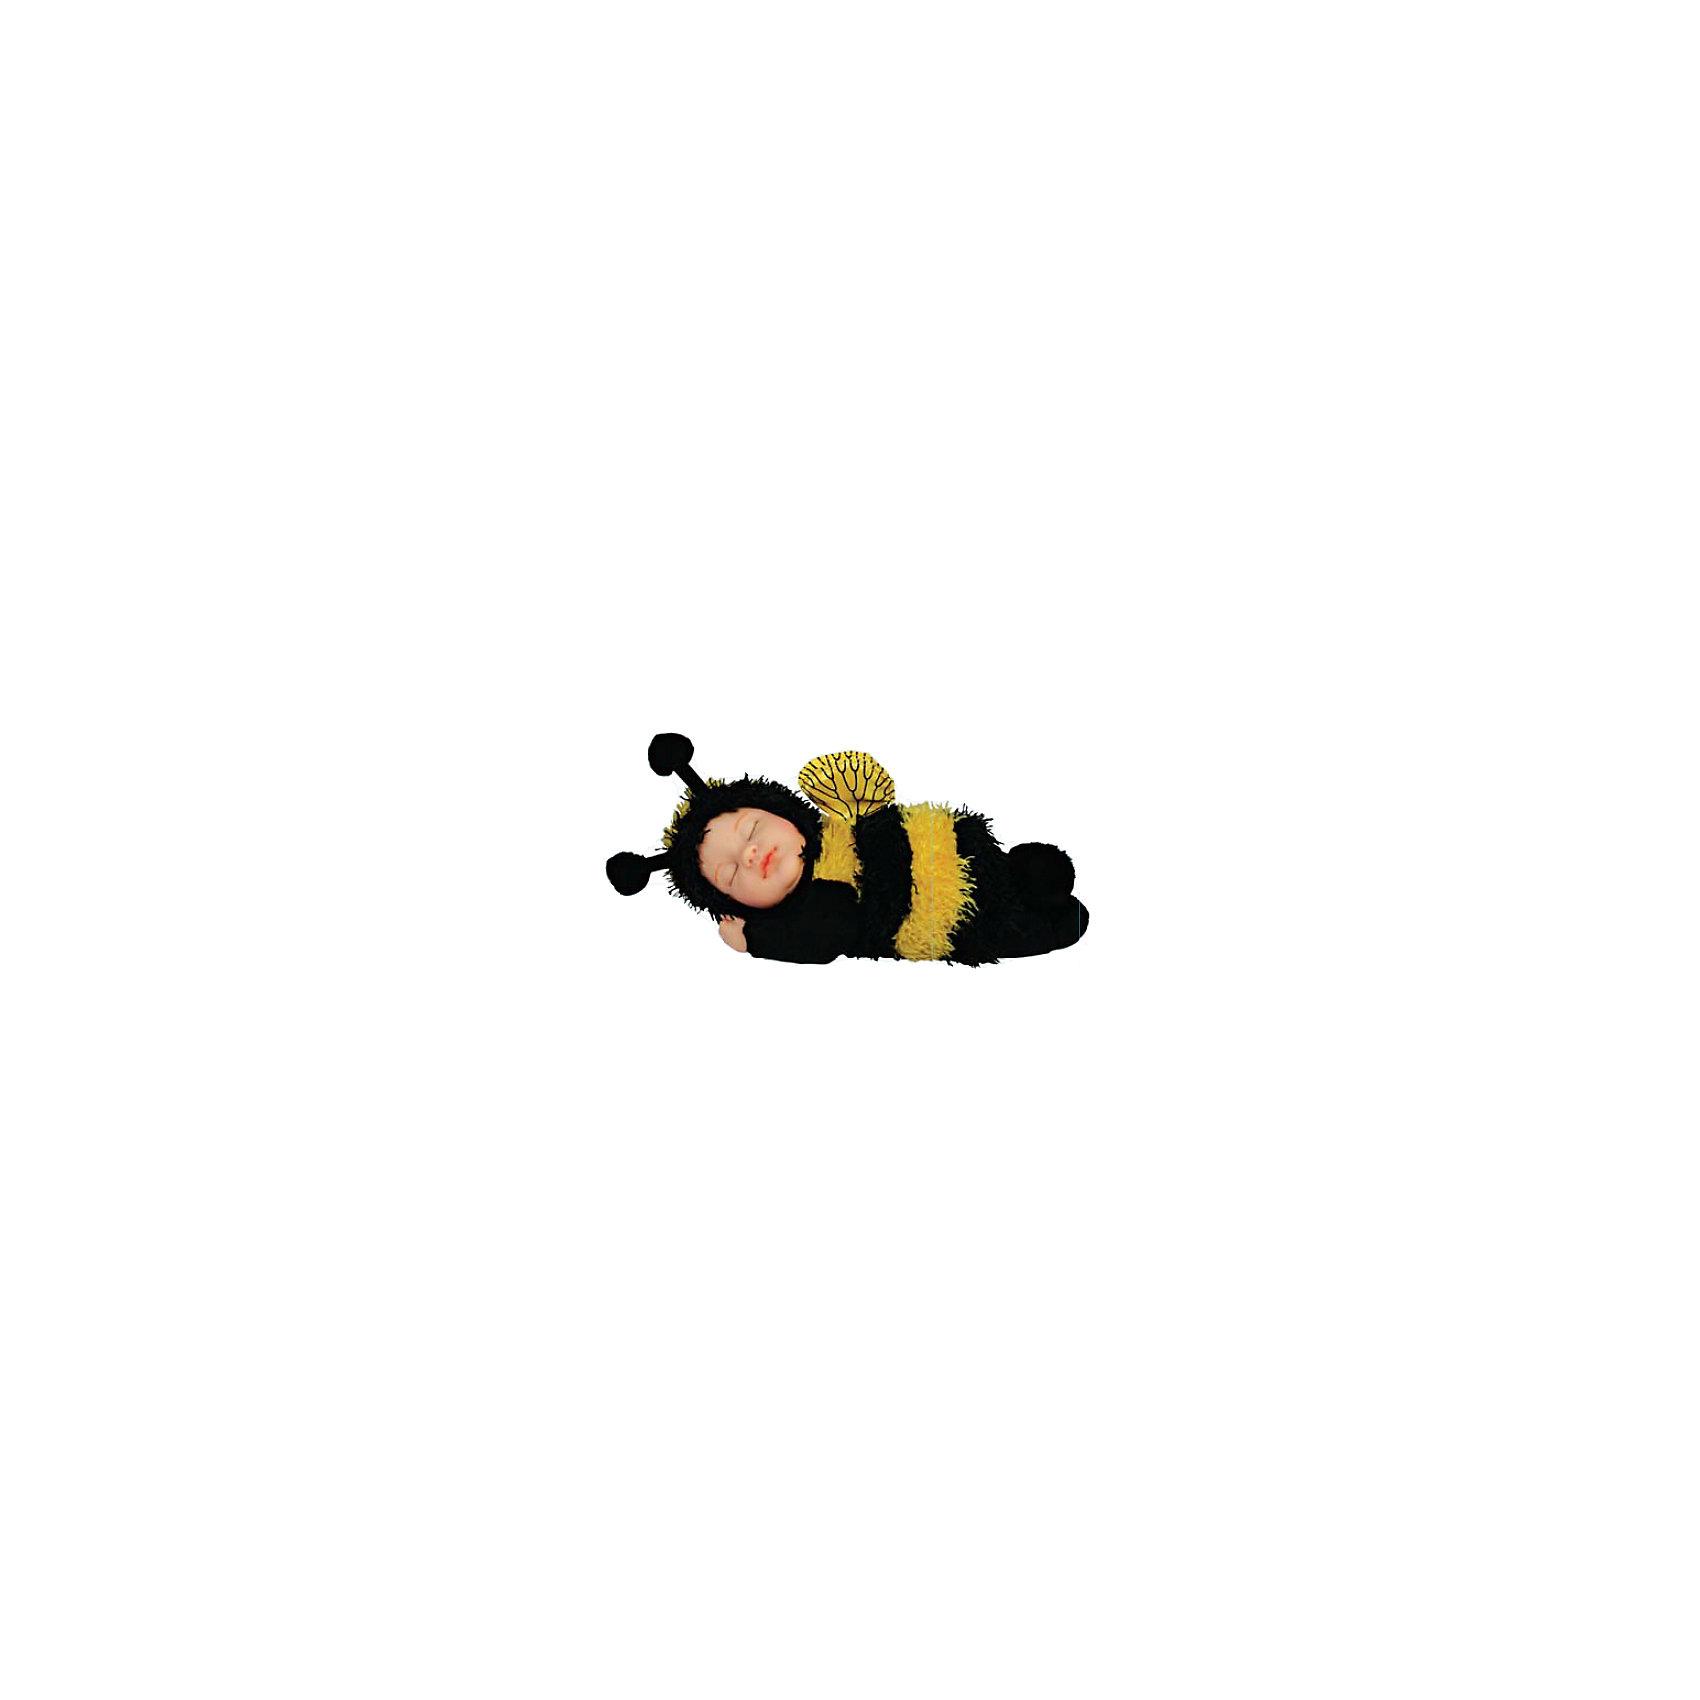 Кукла-пчелка Anne Geddes, 23 см, UNIMAXУмилительная Кукла-пчелка Anne Geddes (Энн Джеддес), 23 см, UNIMAX (Юнимакс) создана на основе фотосессий известного фотографа малышей Энн Джедесс и сразу же привлекает внимание и влюбляет в себя. Кукла-пчелка – это очаровательный спящий малыш в костюмчике пчелы с ярко-желтыми полосками, с небольшими крылышками и круглыми усиками на пушистой шапочке, как у истинной пчелки! Открытые части куколки (лицо, кисти рук, стопы) выполнены из винила, все остальное является мягконабивным, внутри у куклы гранулят, который придает ей устойчивость.<br><br>Дополнительная информация:<br>-Материалы: винил, текстиль, гранулят<br>-Размеры в упаковке: 24х18х12 см<br>-Размер куклы: 23 см<br><br>Трогательная авторская Кукла-пчелка станет желанным подарком не только ребенку, но и взрослому коллекционеру, а также настоящим украшением интерьера Вашего дома!<br><br>Кукла-пчелка Anne Geddes (Энн Джеддес), 23 см, UNIMAX (Юнимакс) можно купить в нашем магазине.<br><br>Ширина мм: 240<br>Глубина мм: 180<br>Высота мм: 120<br>Вес г: 438<br>Возраст от месяцев: 36<br>Возраст до месяцев: 96<br>Пол: Женский<br>Возраст: Детский<br>SKU: 4286360